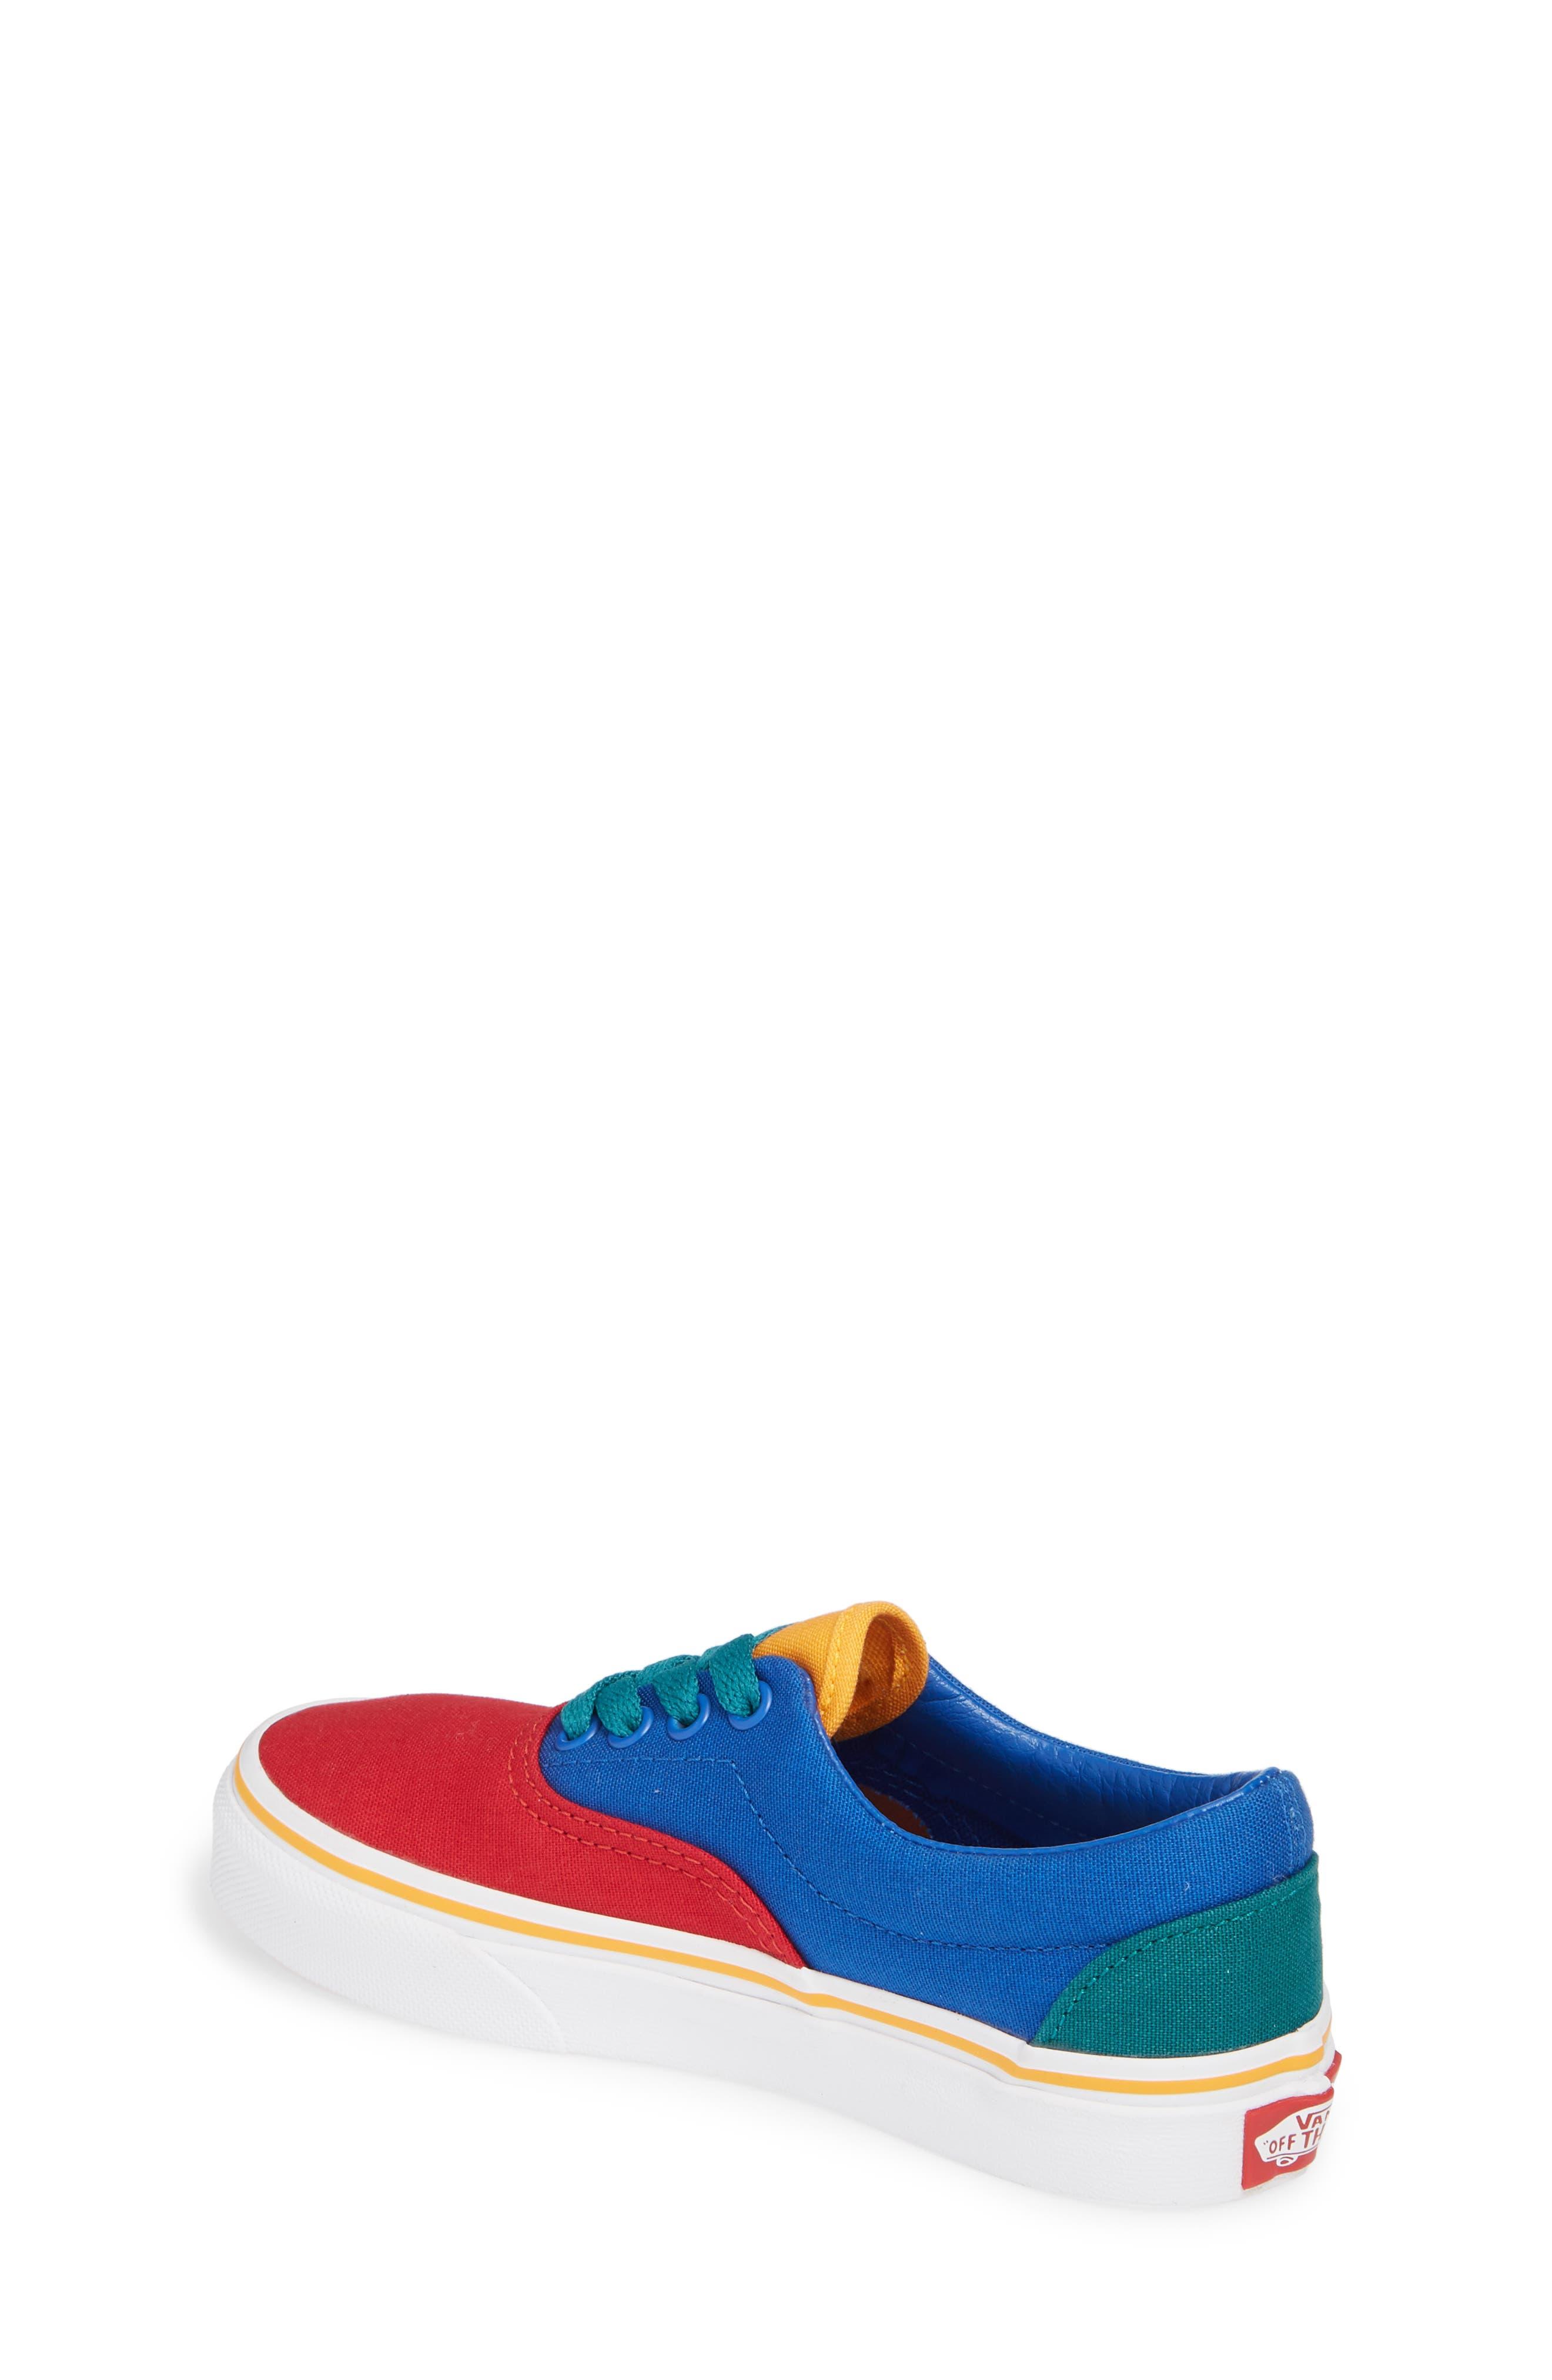 'Era' Sneaker,                             Alternate thumbnail 2, color,                             LAPIS BLUE/ TRUE WHITE